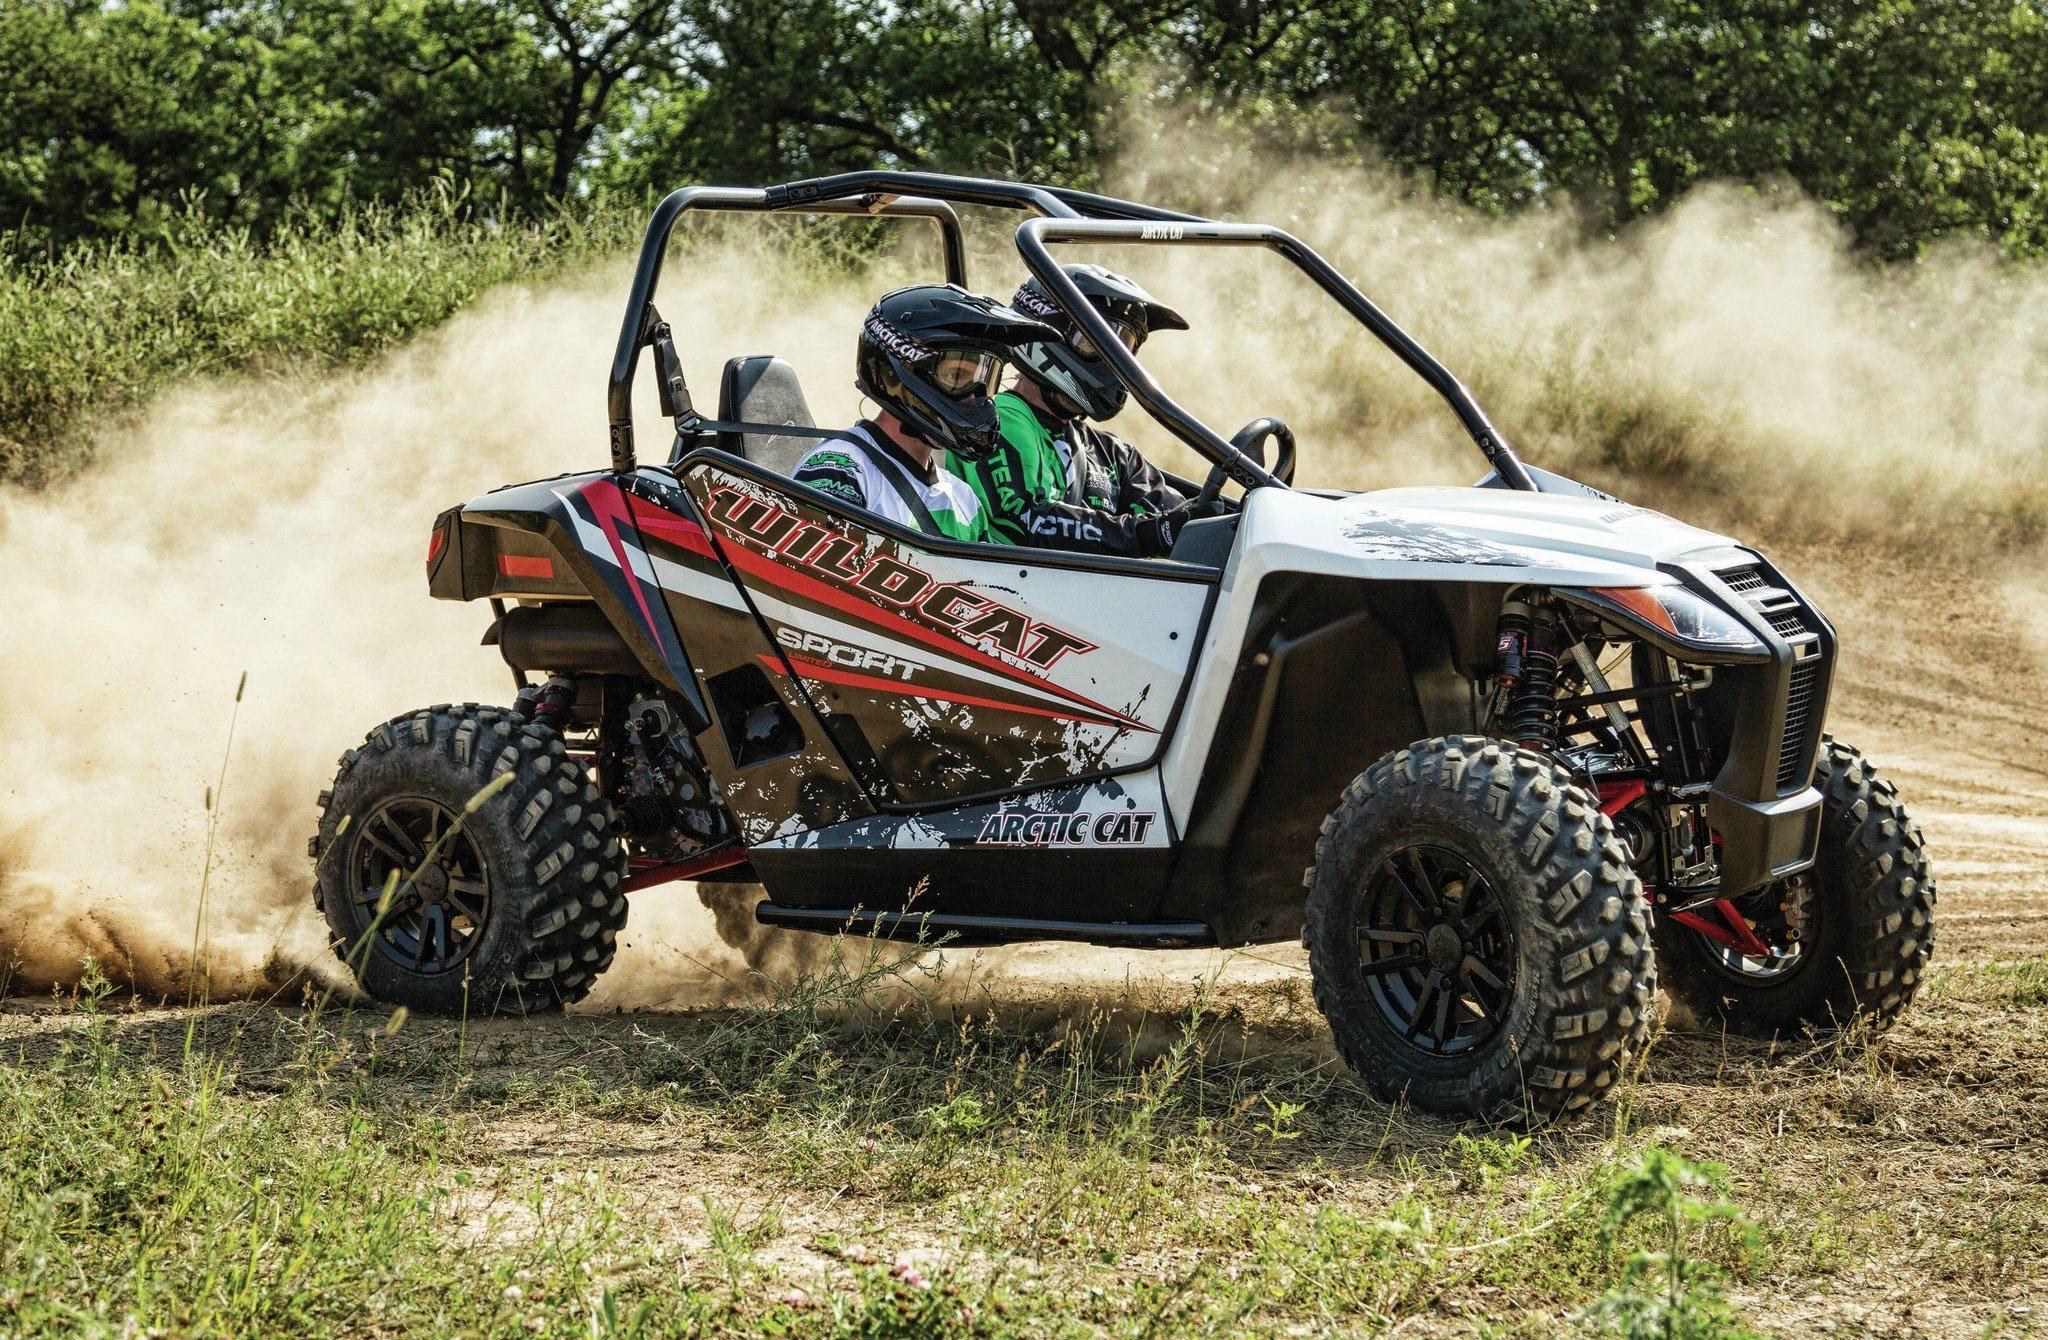 Wildcat 700 Sport